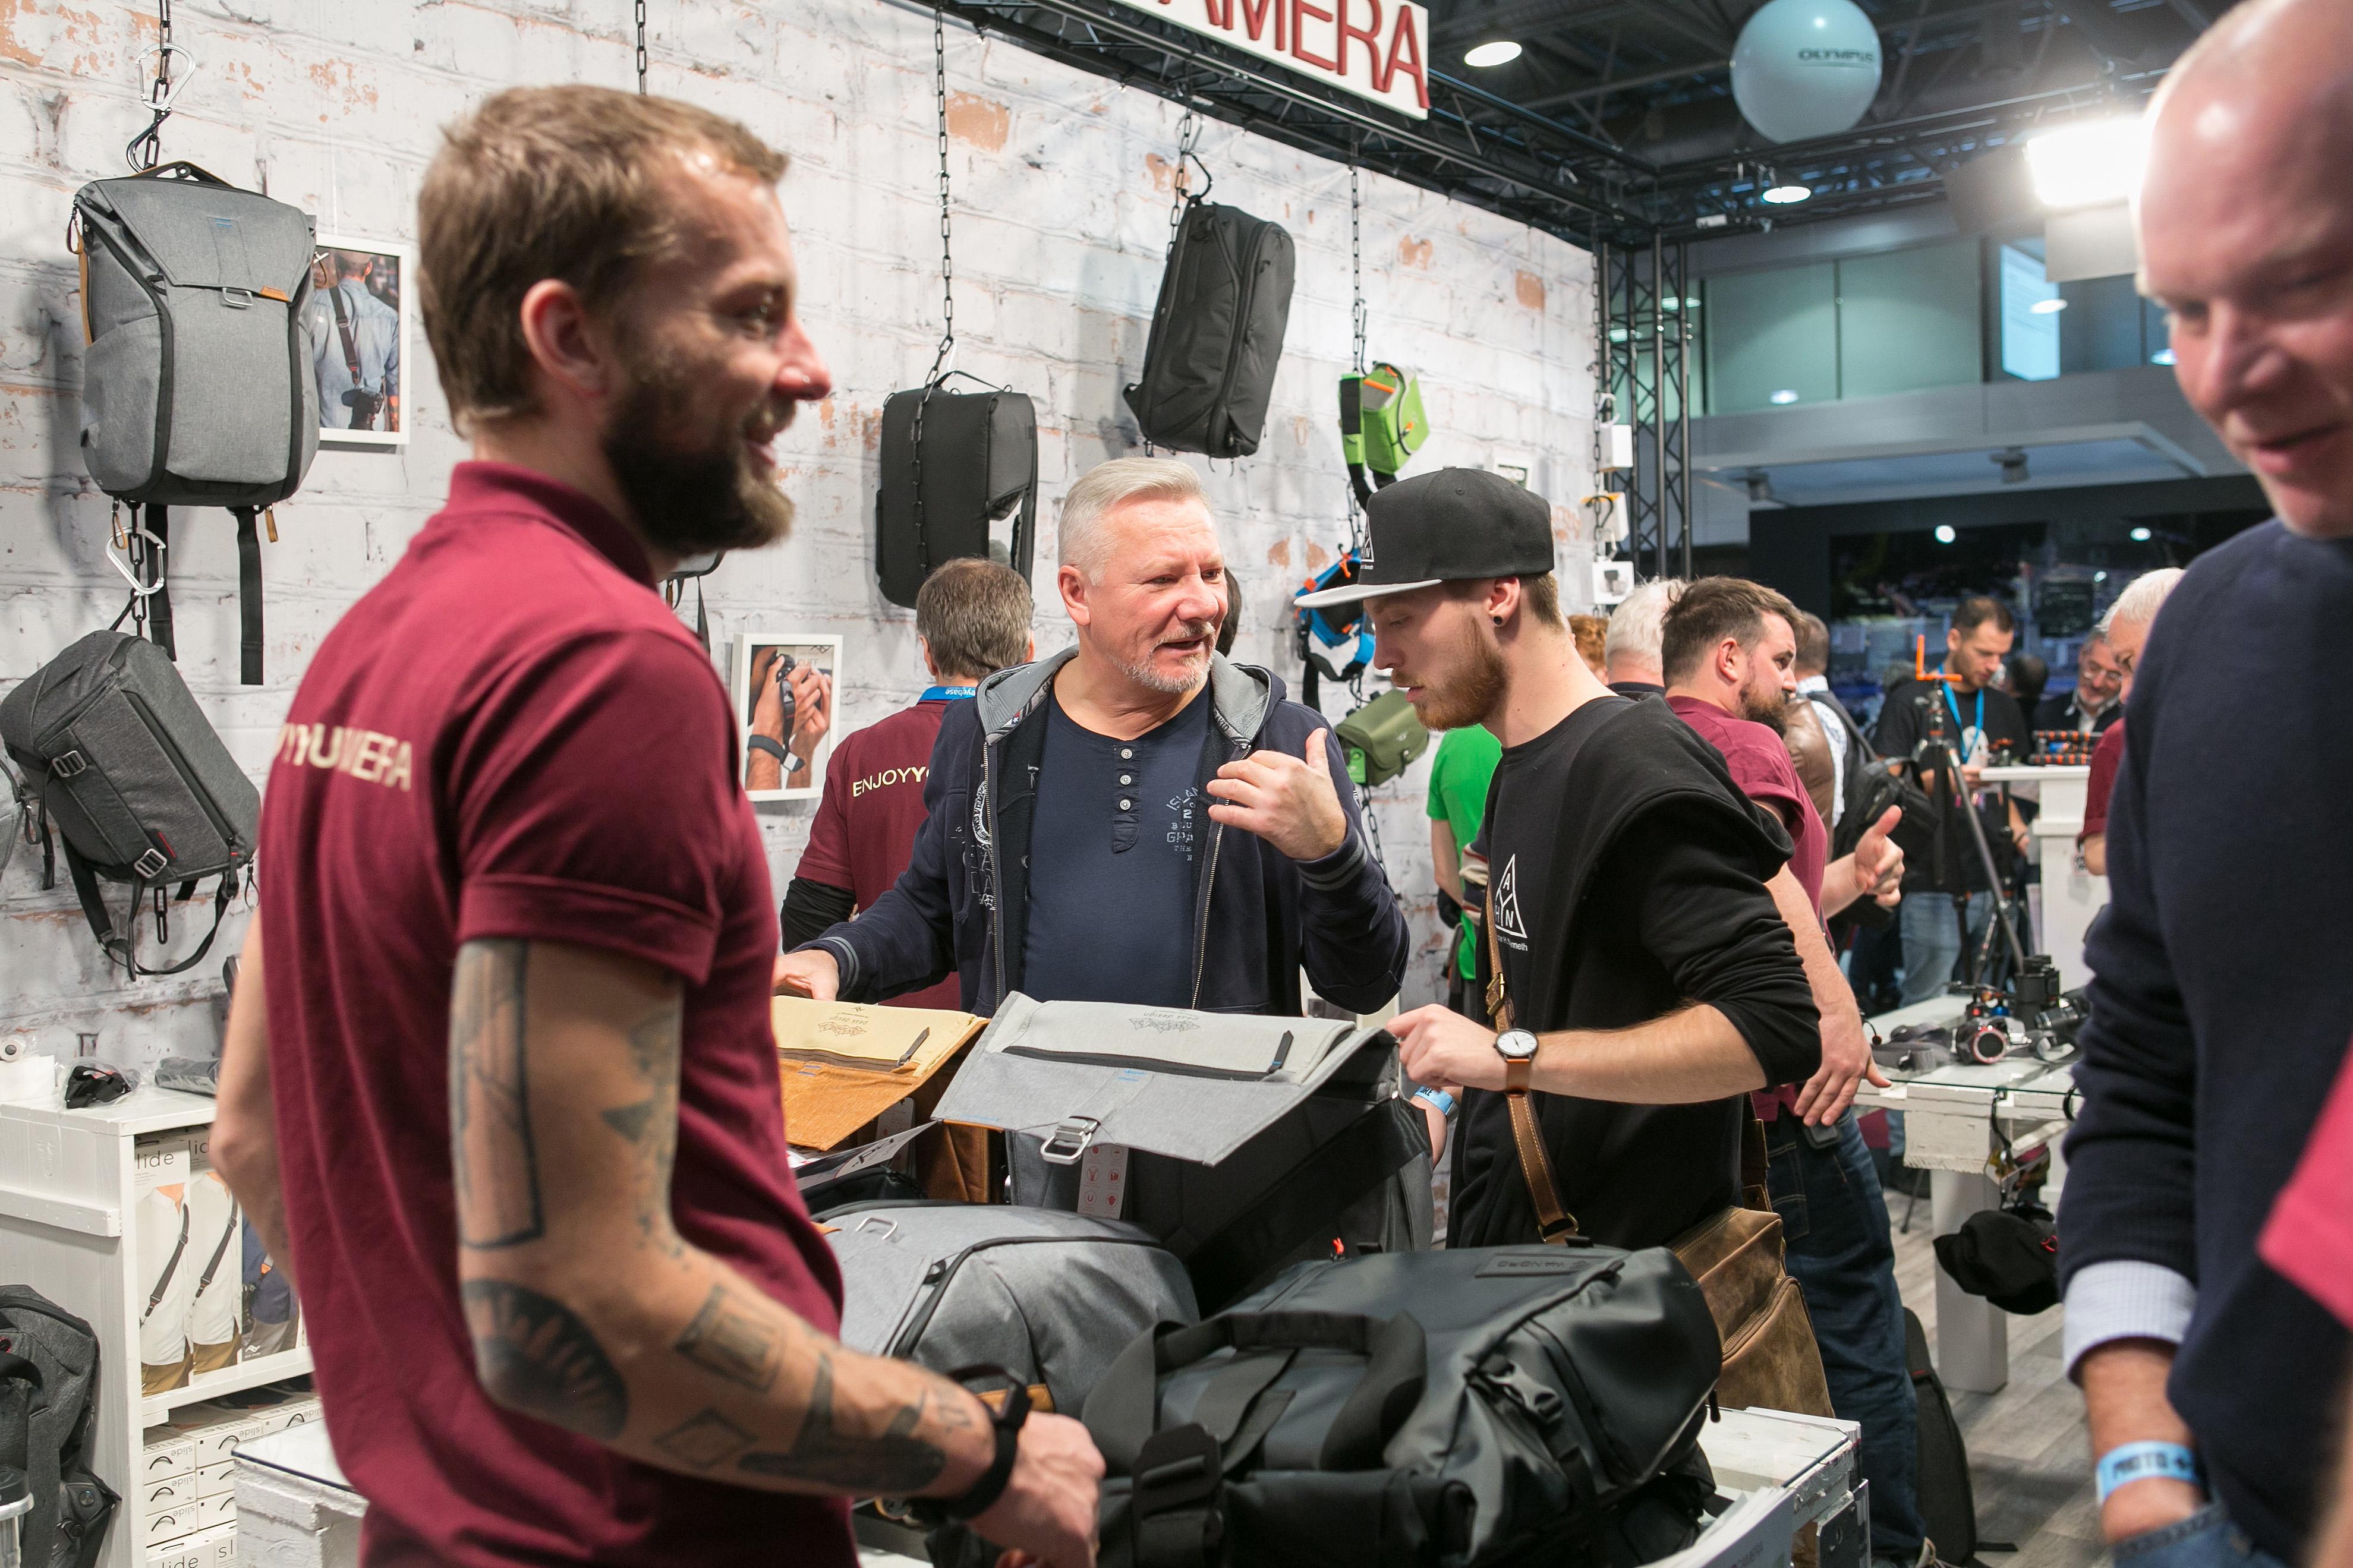 Photo+Adventure 2018, Messe+Festival für Fotografie, Reisen und Film+Video